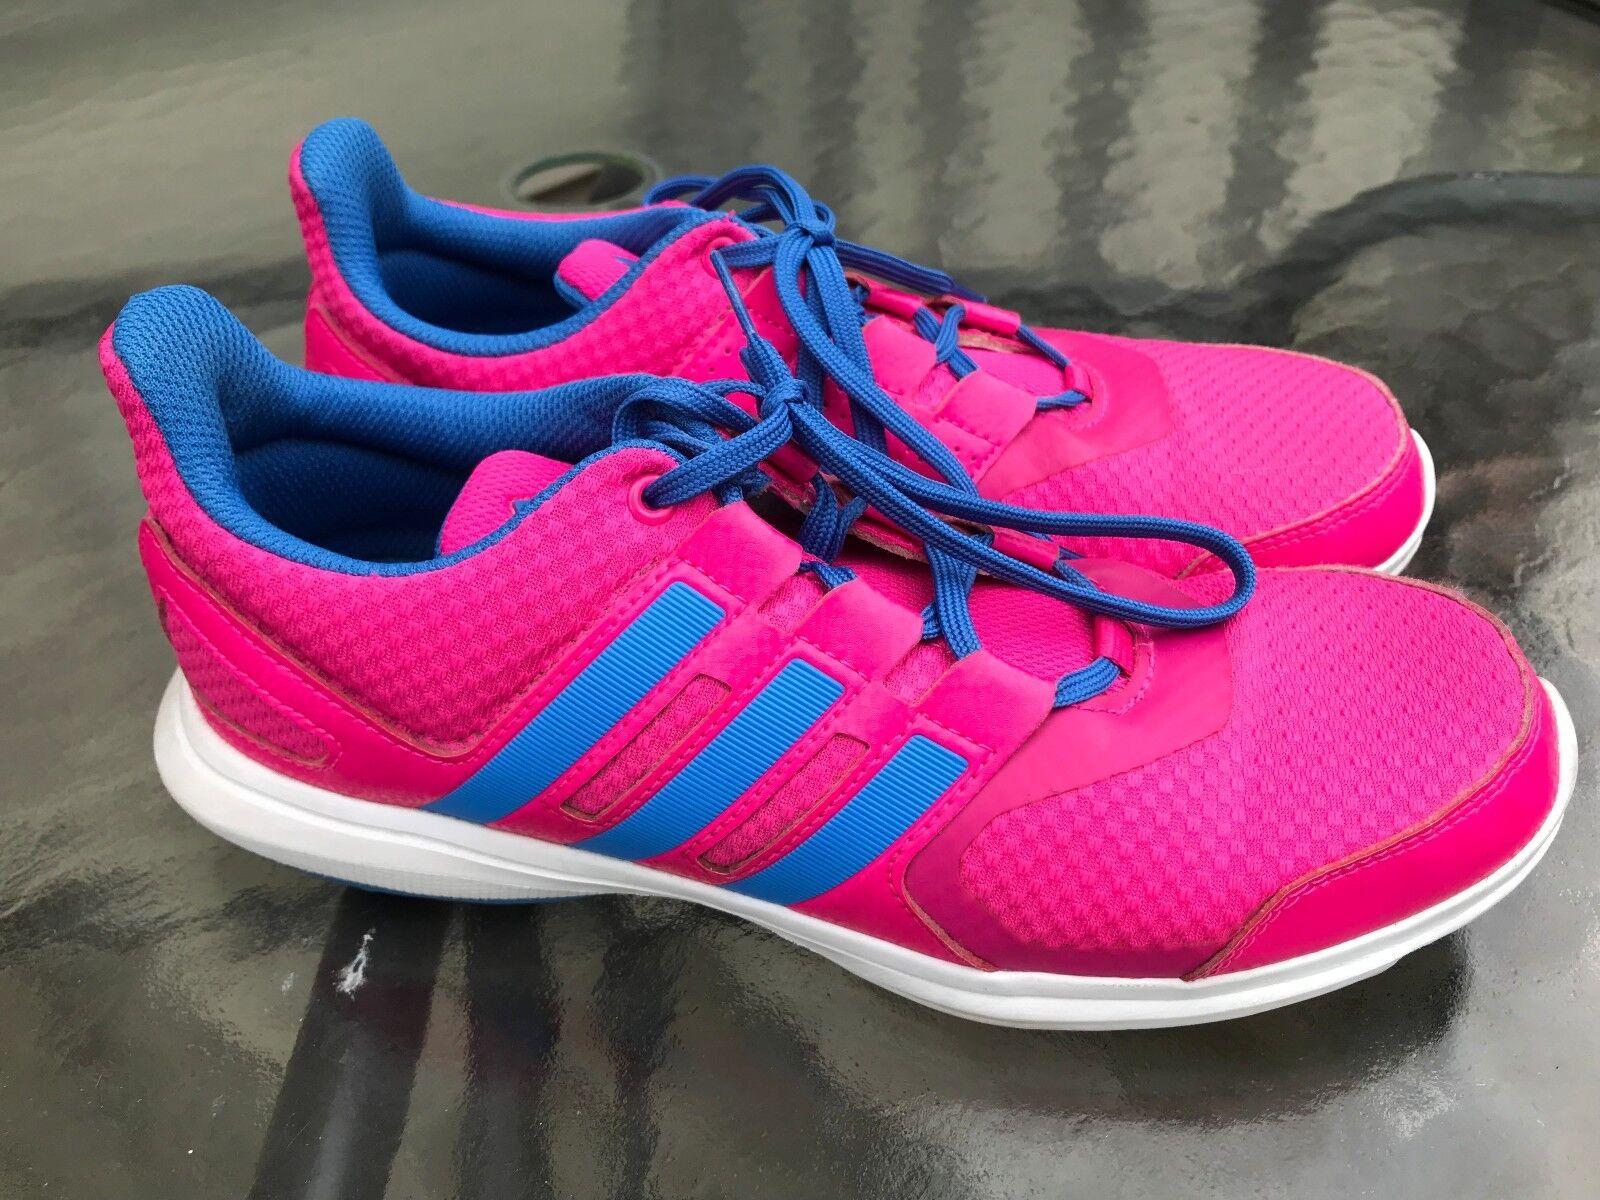 Adidas performance hyperfast 2.0 k scarpa da corsa, shock rosa, le dimensioni 6,5 | Design lussureggiante  | Uomini/Donna Scarpa